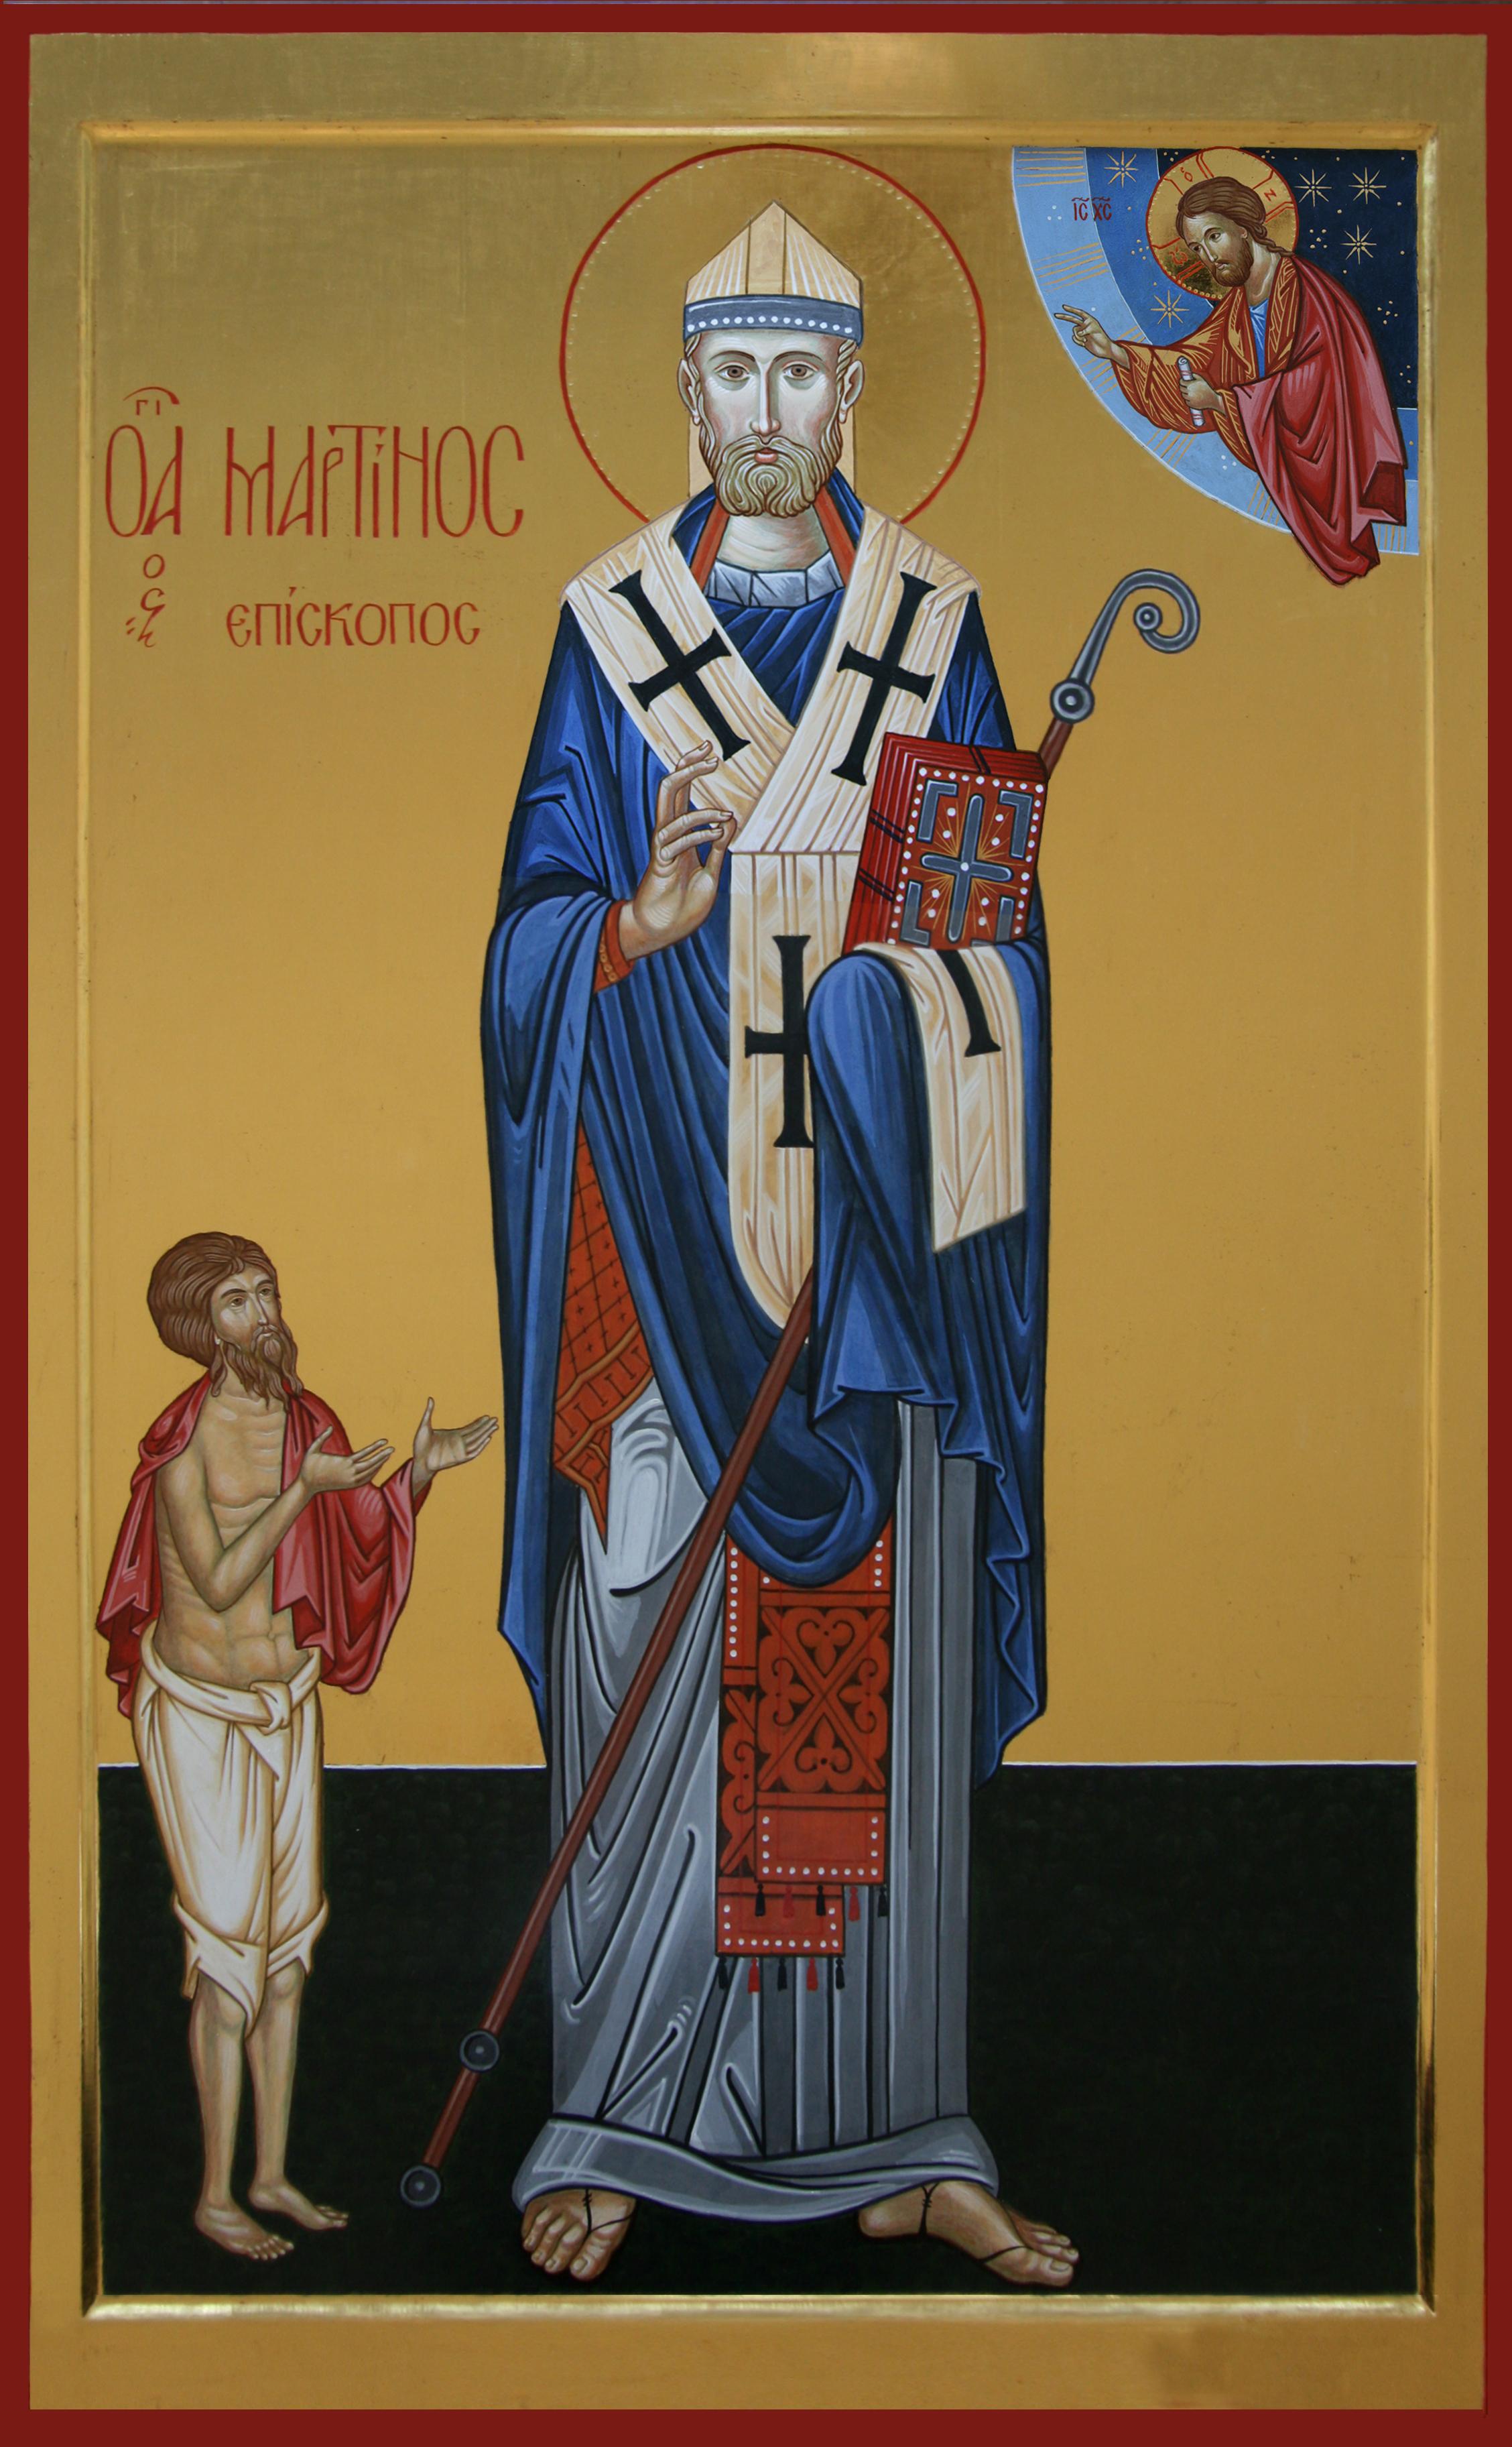 San Martino Vescovo Nella Chiesa Parrocchiale Di San Martino In Niguarda Milano Iconecristiane It